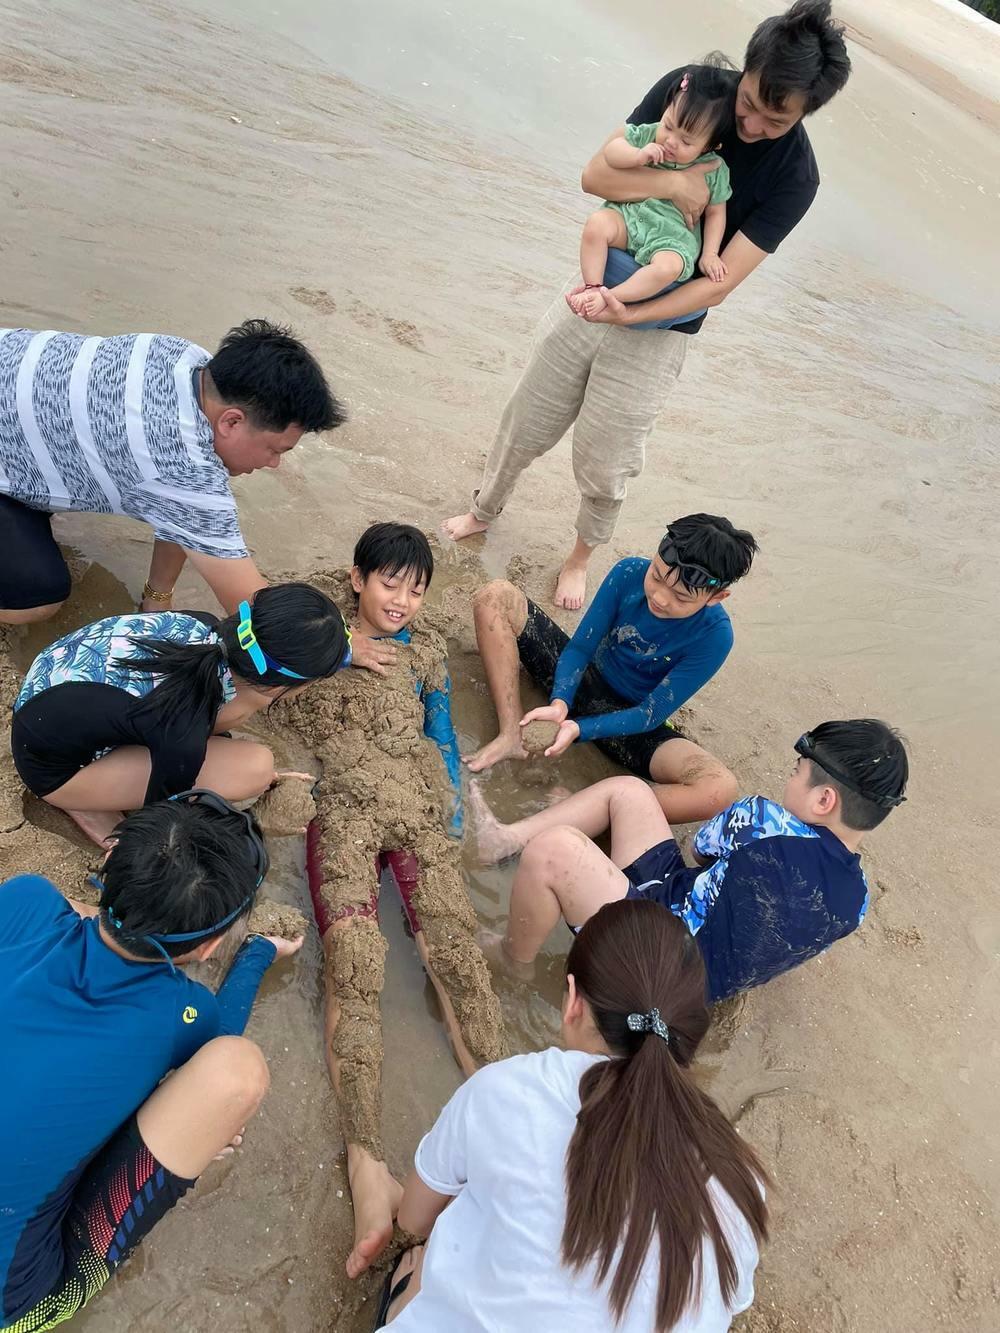 Cường Đô la khoe ảnh đi chơi biển: Subeo và Suchin giật spotlight - ảnh 3